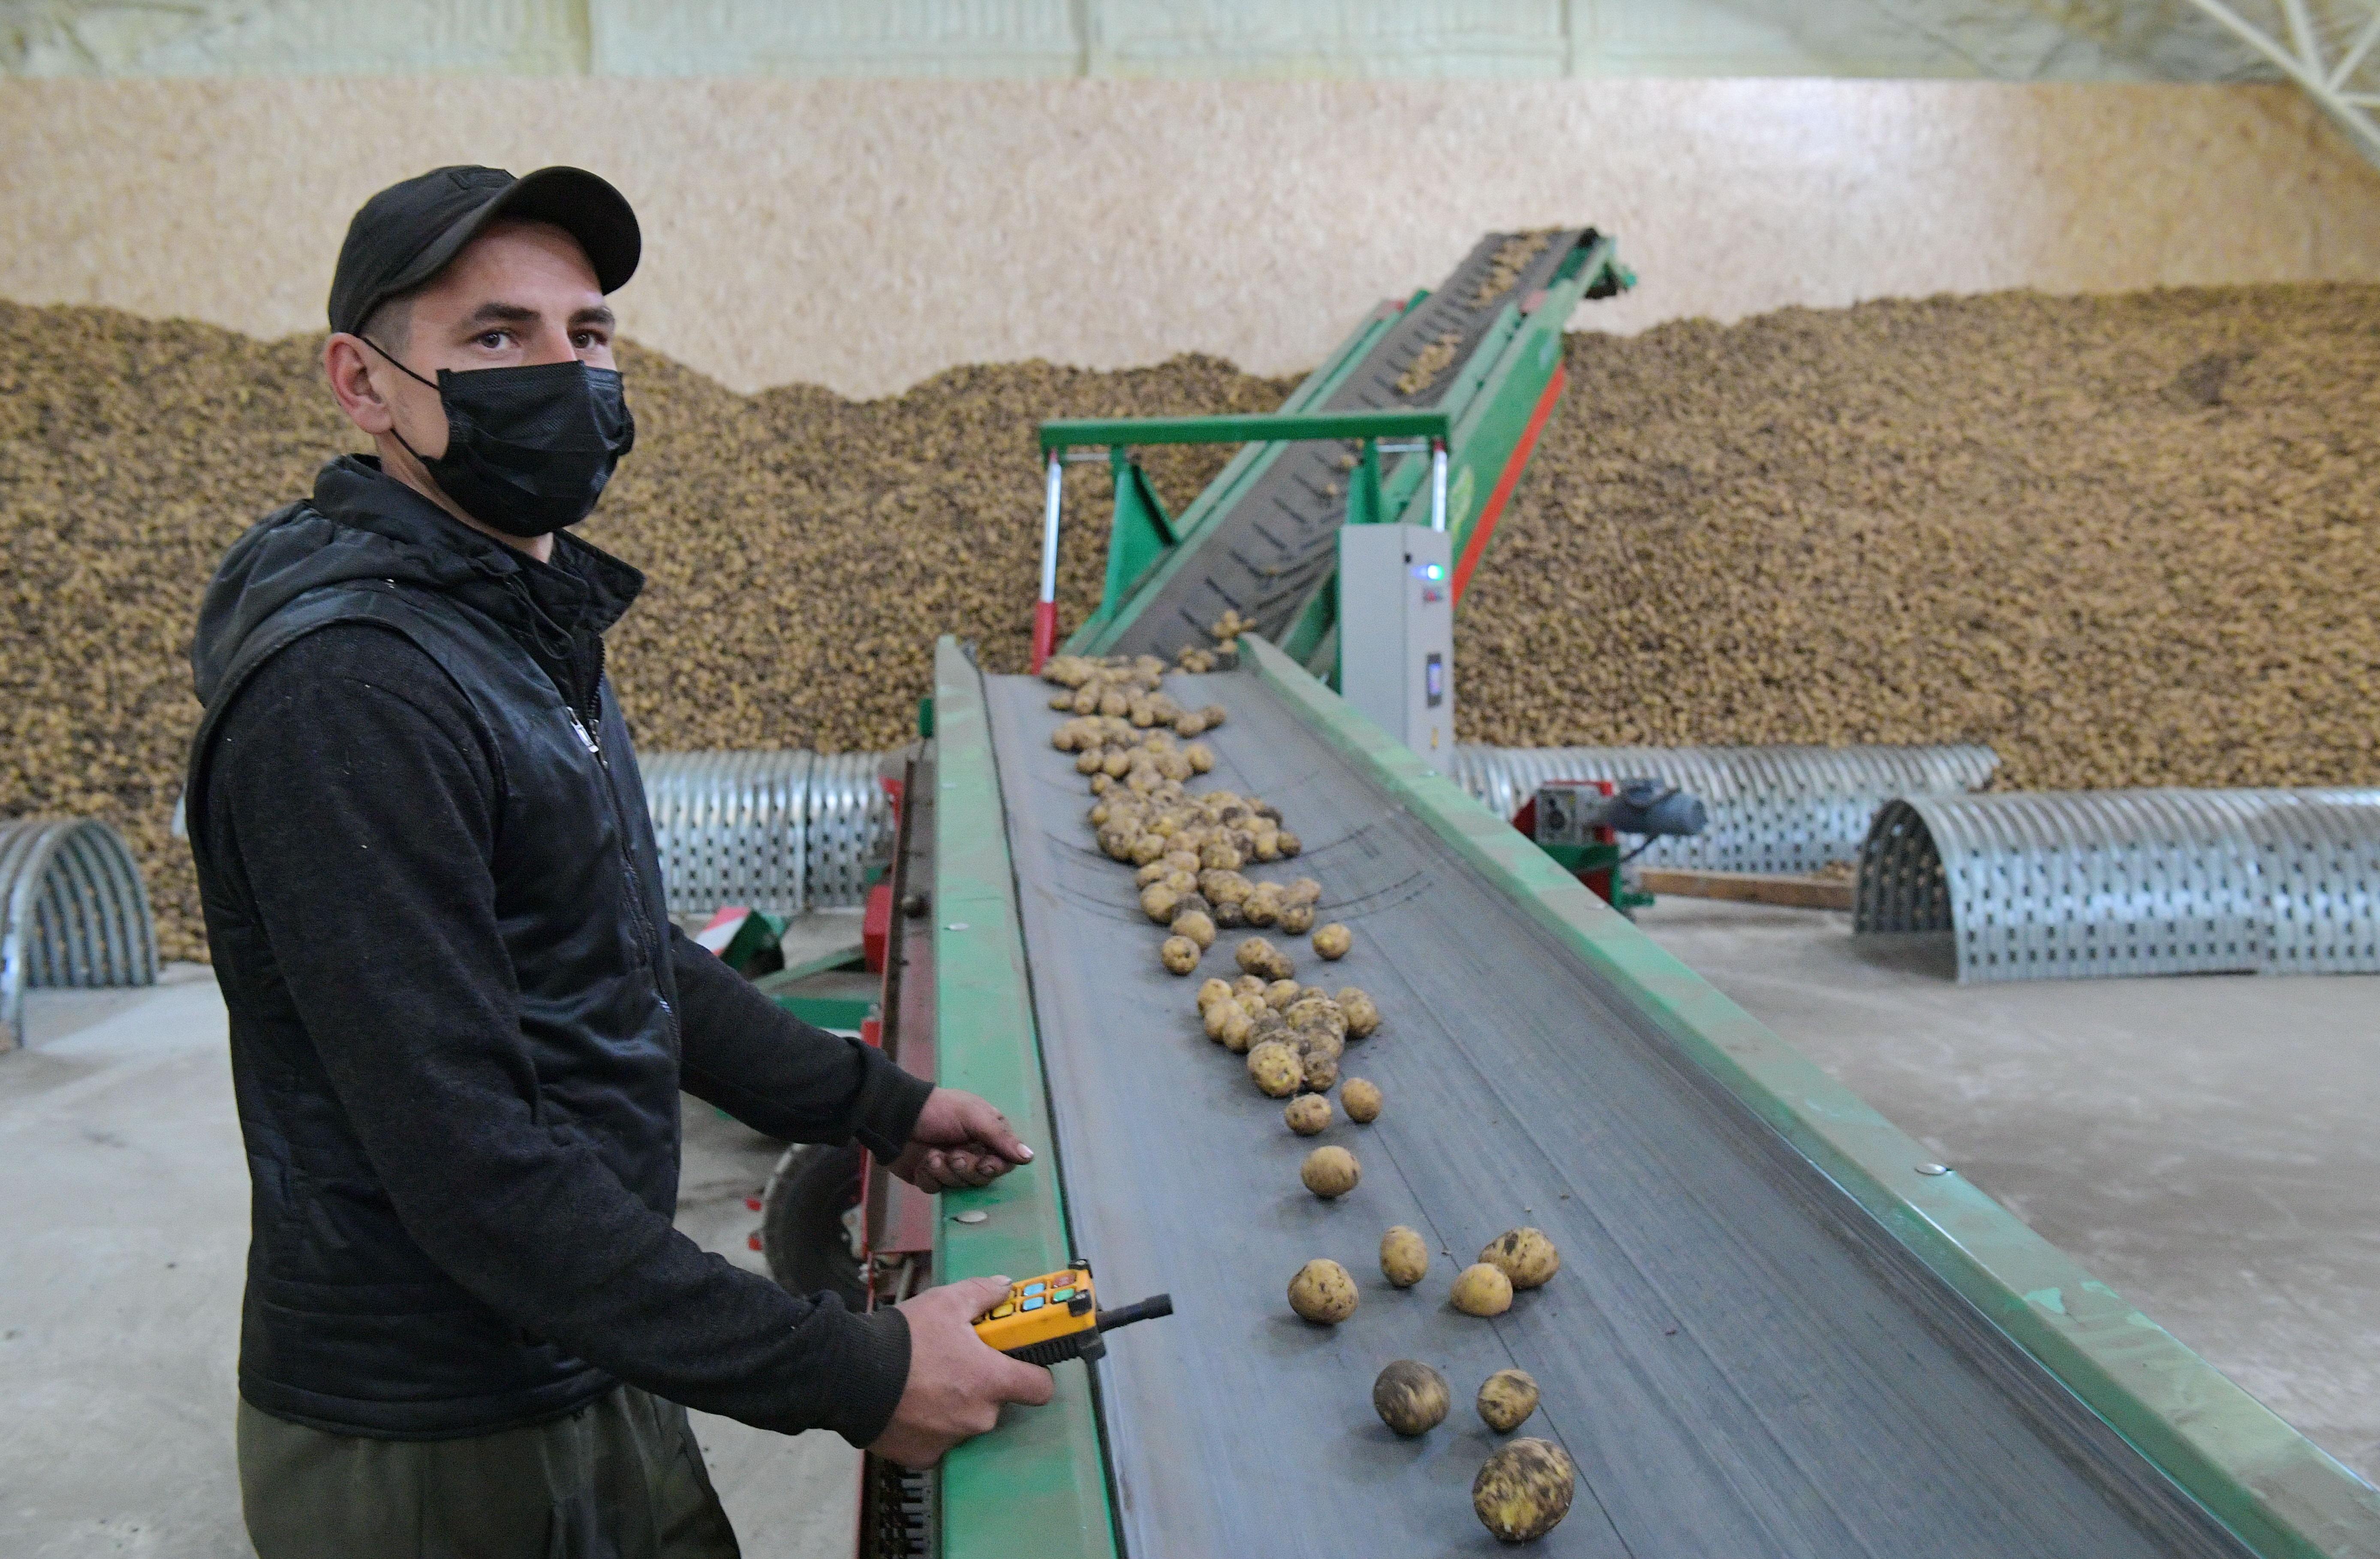 Павлодар облысы биыл да картоп көлемі бойынша рекорд орнатты